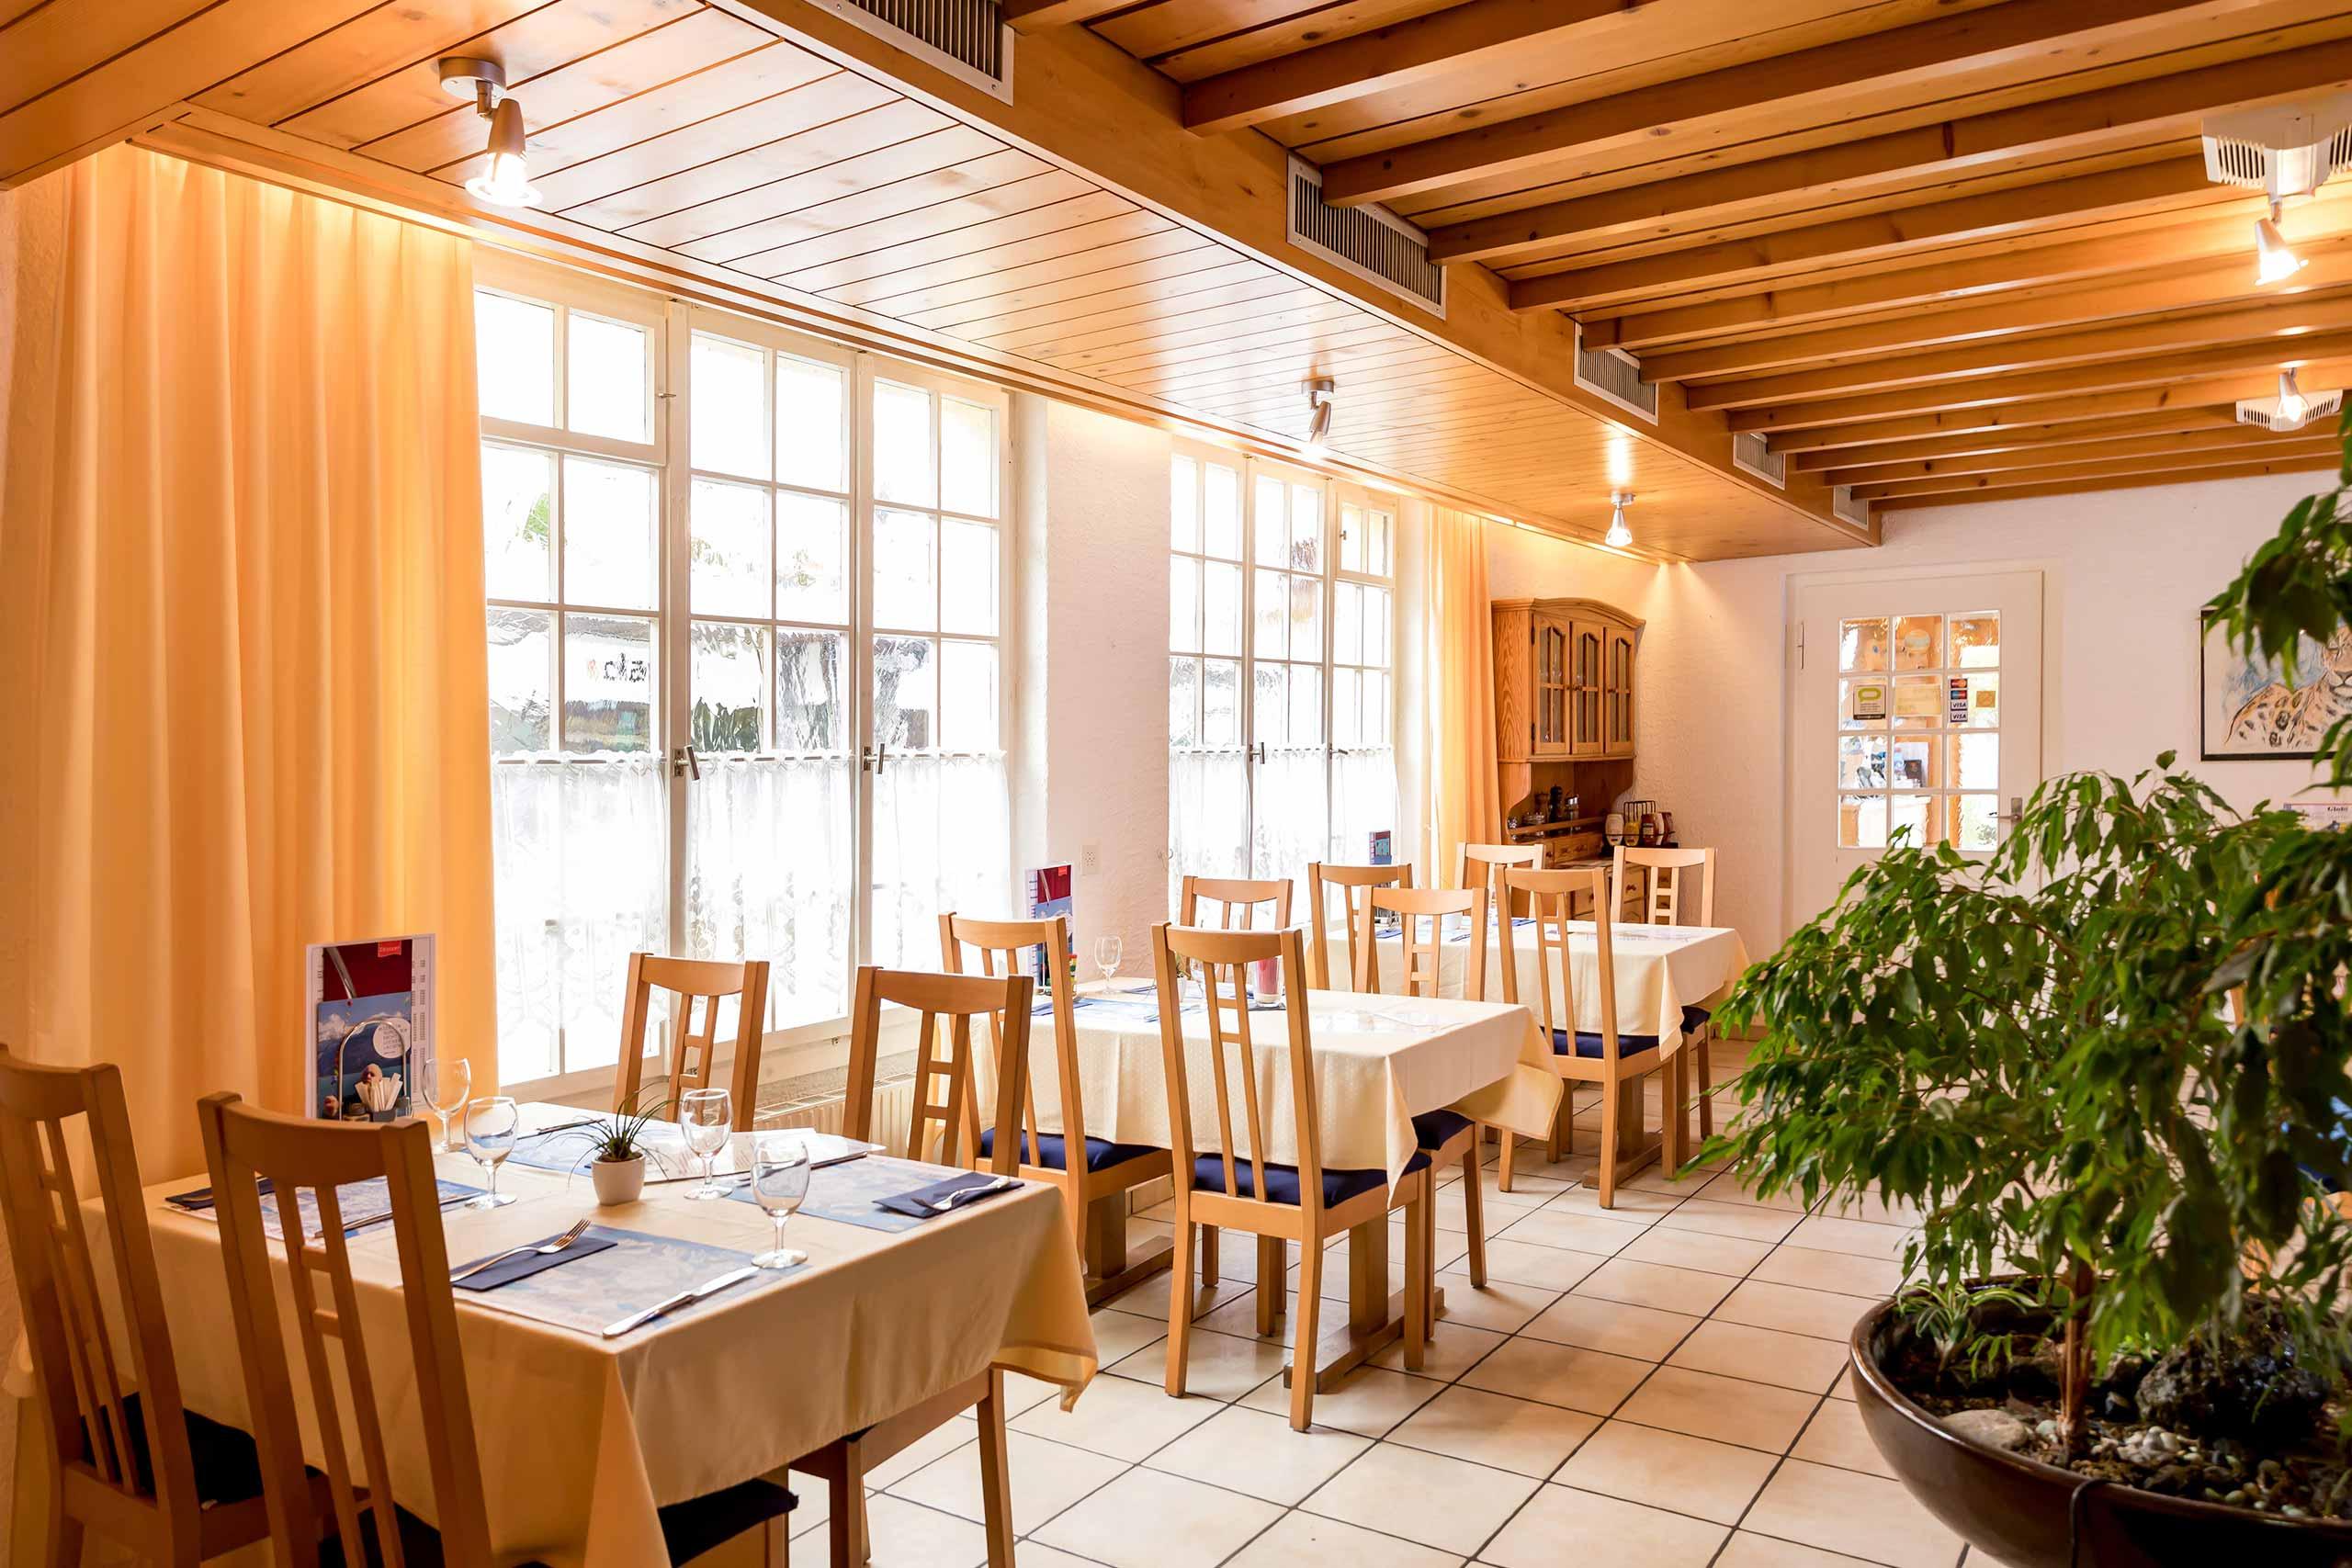 restaurant-sternen-brienz-gedeckte-tische-innenaufnahme.jpg